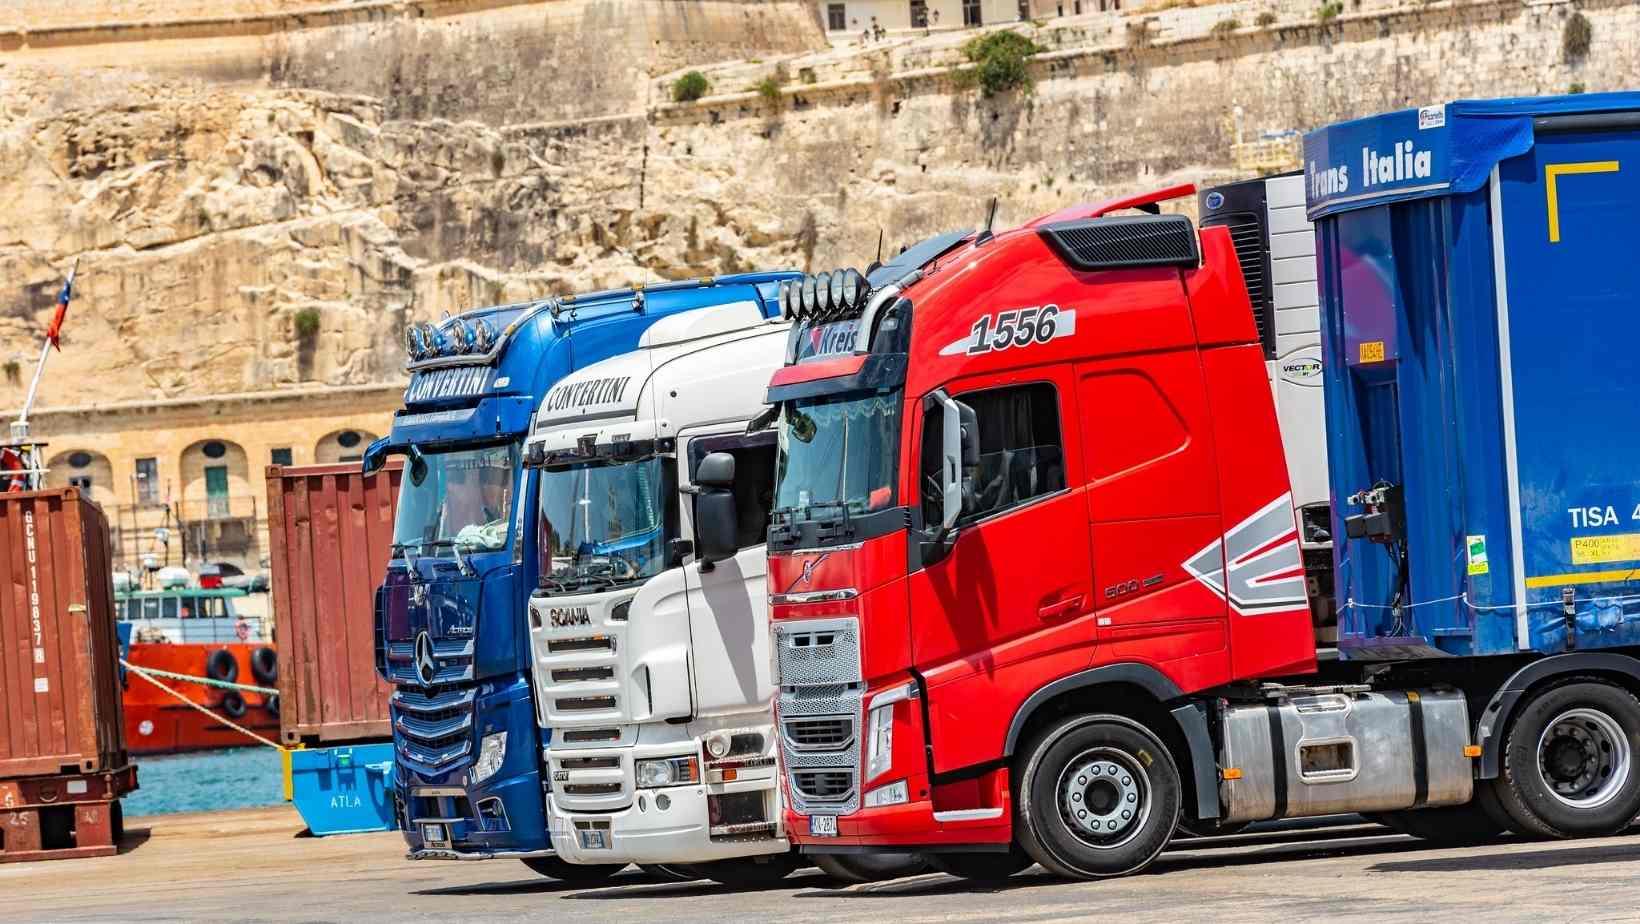 Șoferii italieni abandonează camioanele direct pe autostradă, în semn de protest